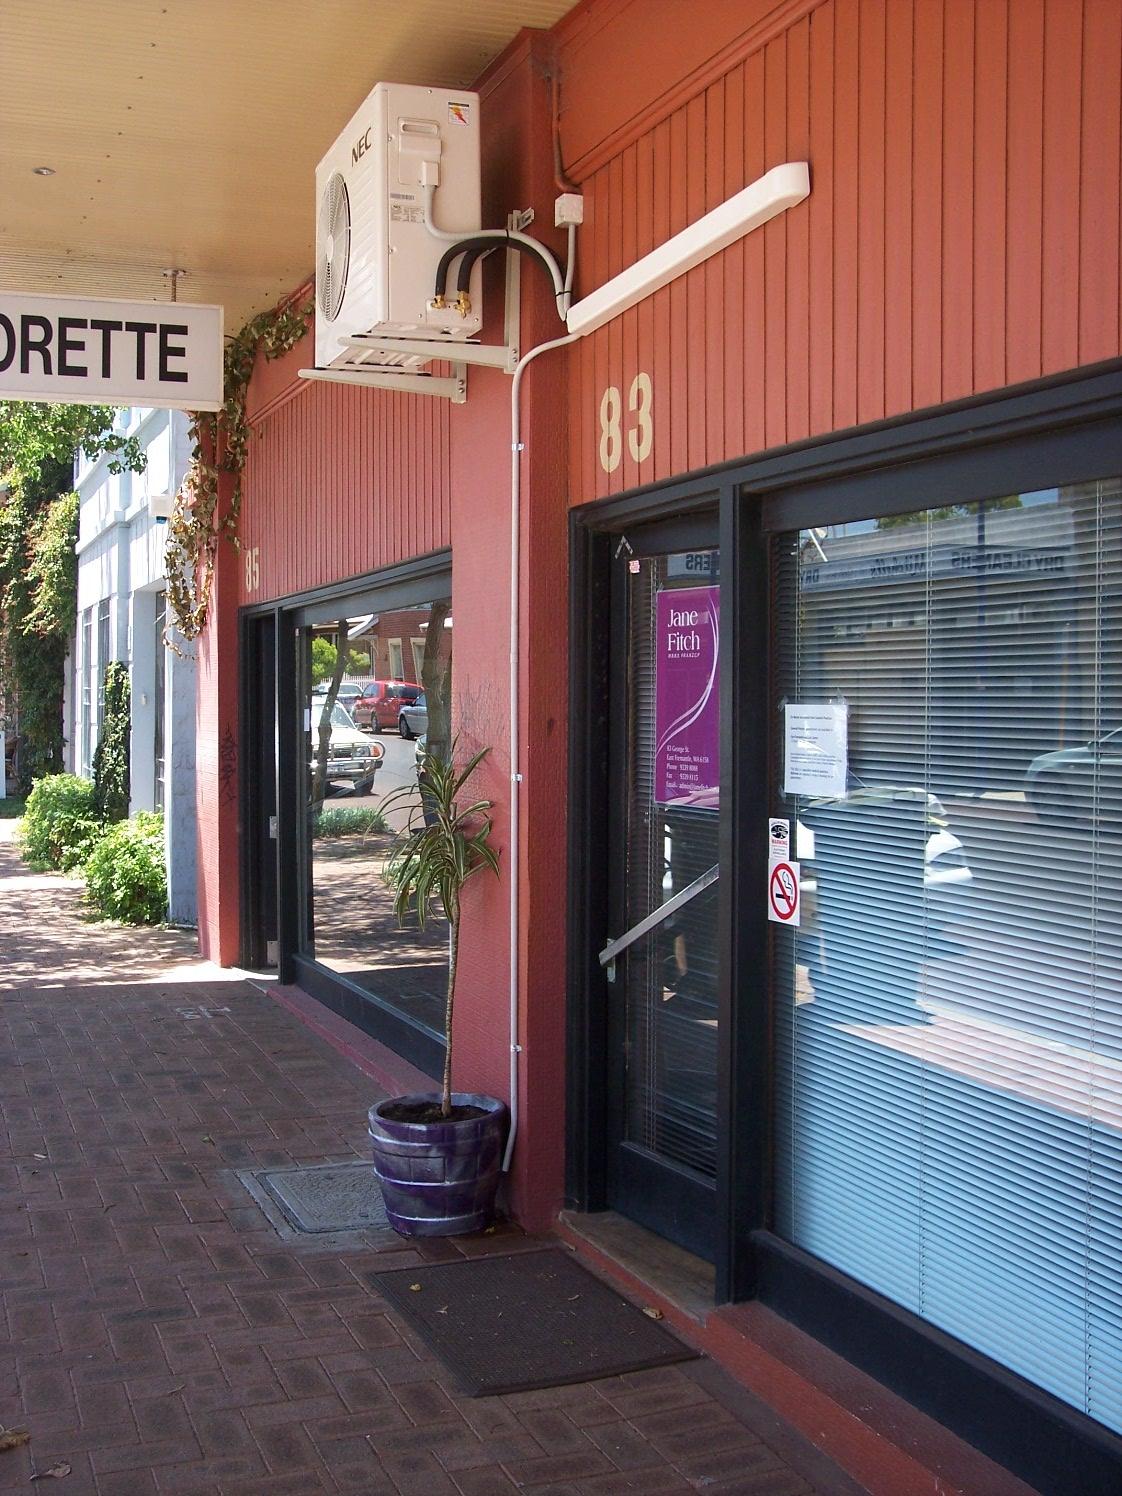 22-1-08 View ESE 83 George Street.jpg